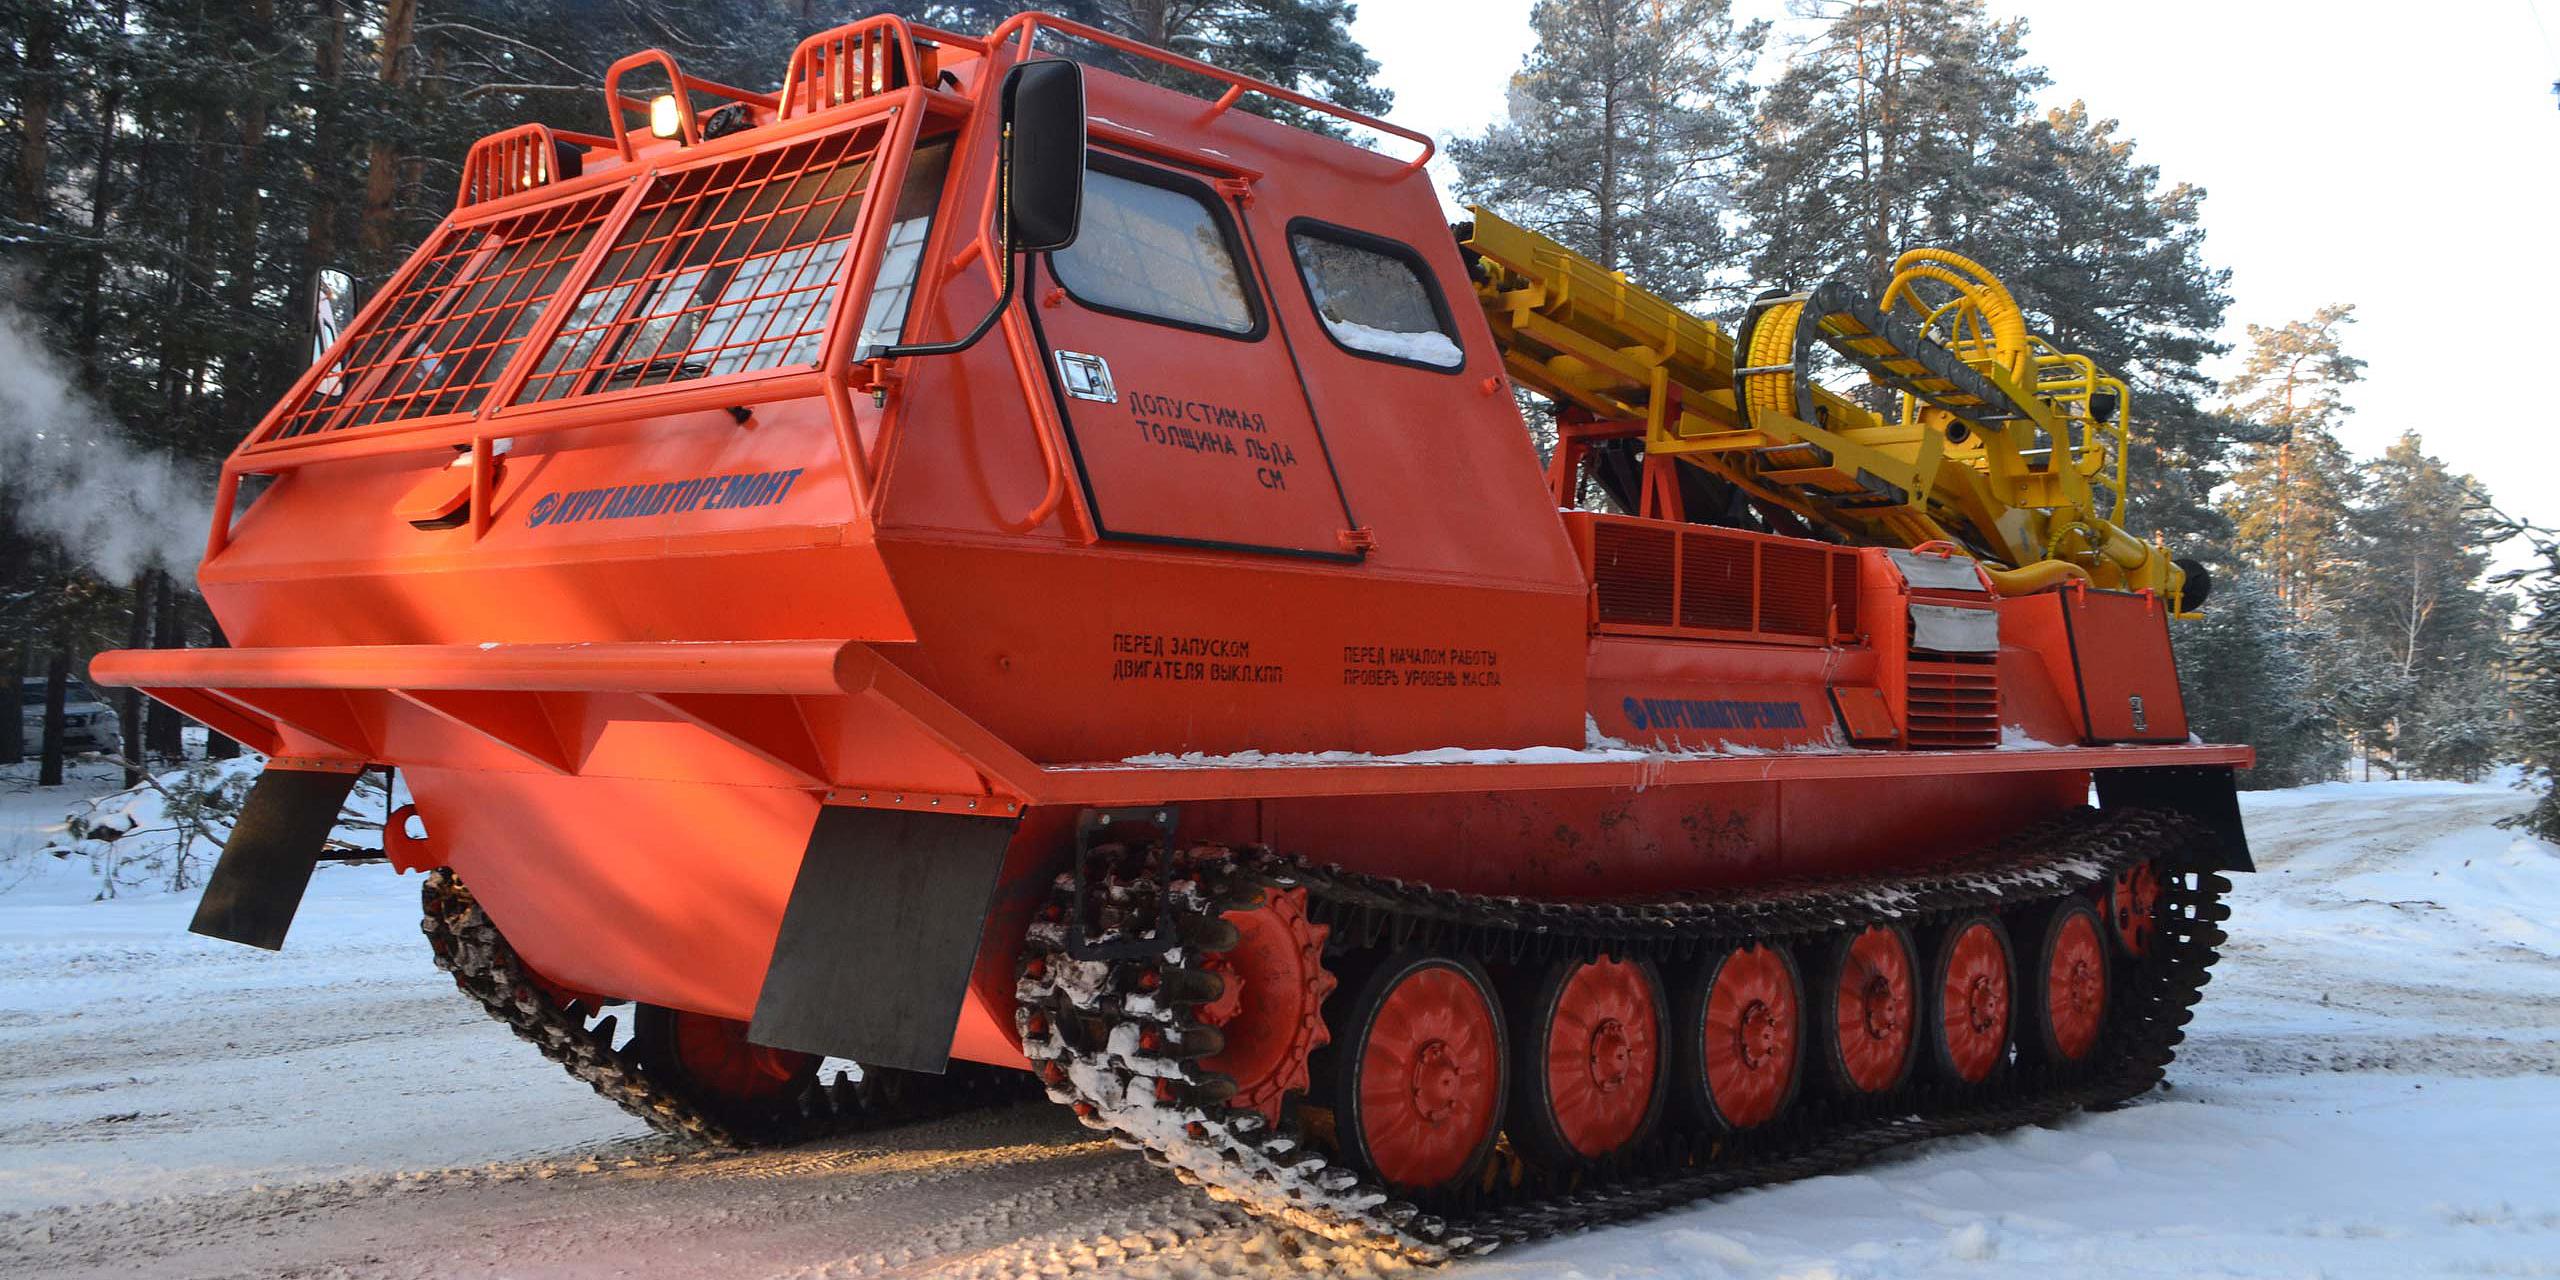 Установка буровая гидромеханизированная УБГМ-1А на базе многоцелевого снегоболотохода КТМ-10В